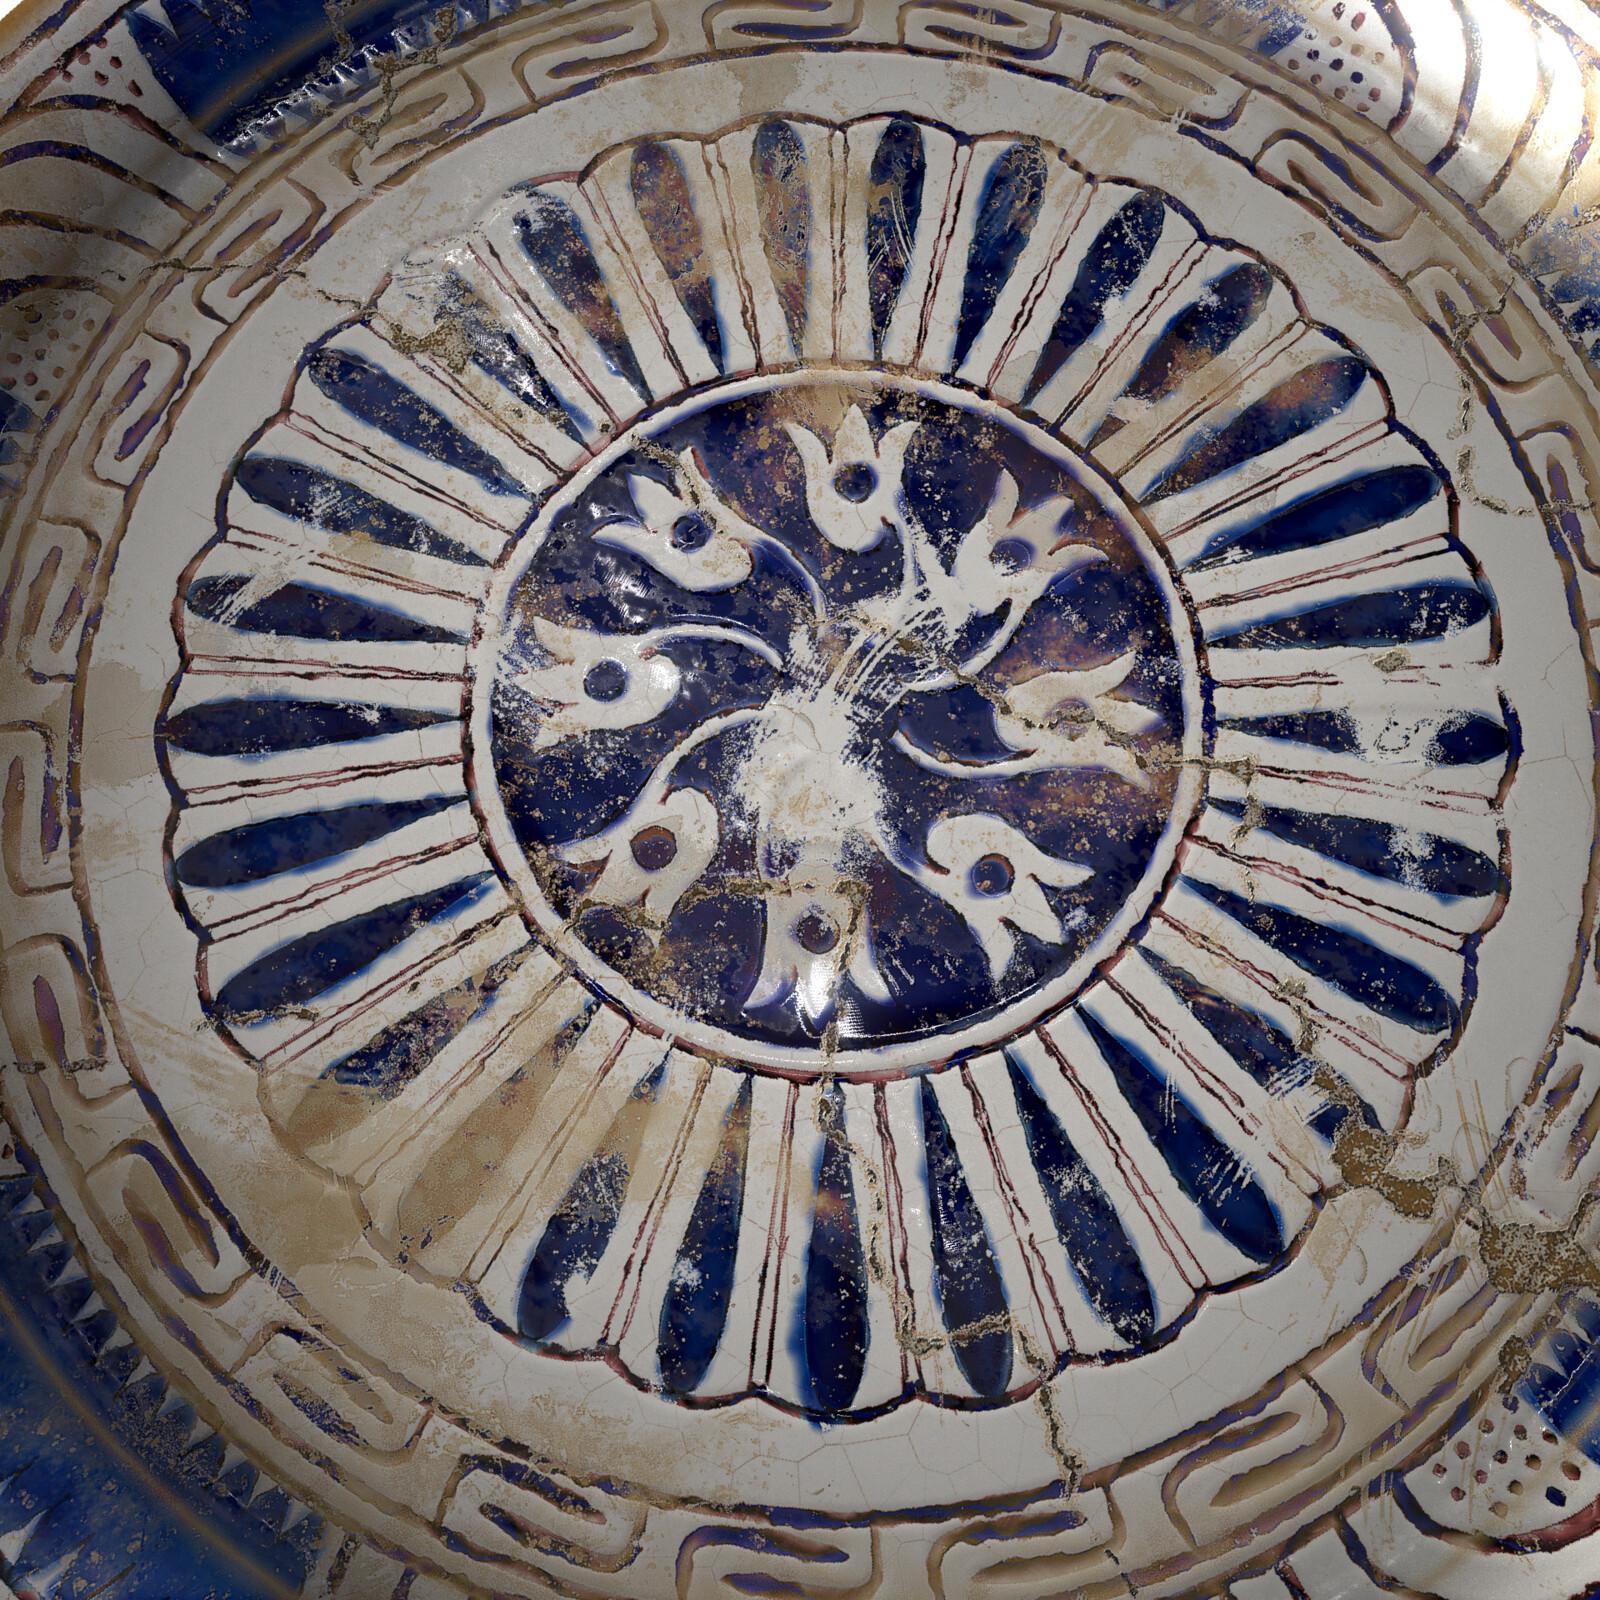 Milet period ceramic dish, iRay Render